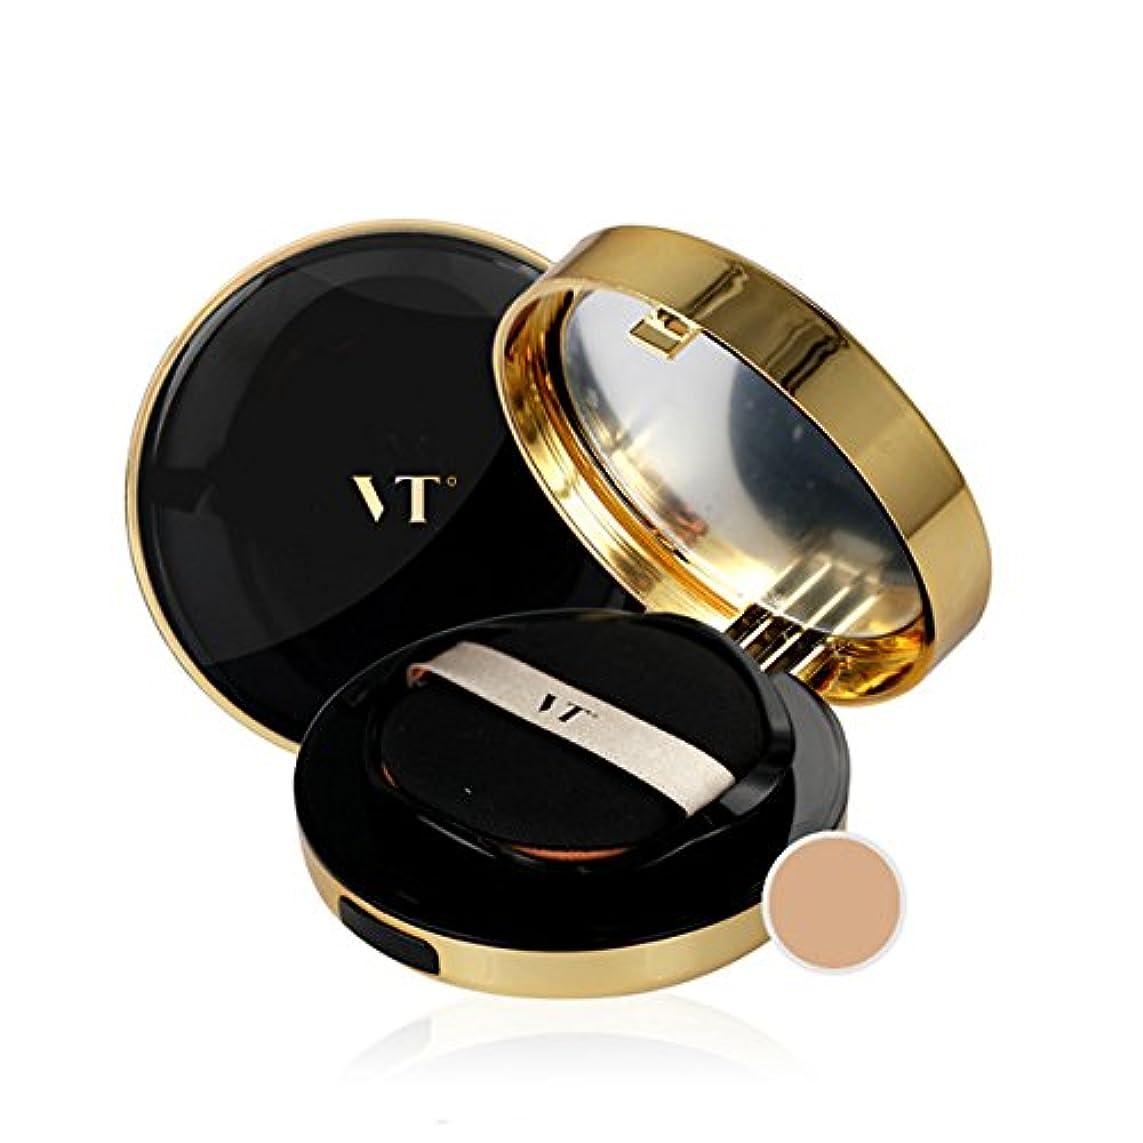 回転流行いろいろバント36.5(VANT36.5)エッセンス スキン ファンデーション パクト(Essence Skin Foundation Pact)SPF50/PA+++ 12g